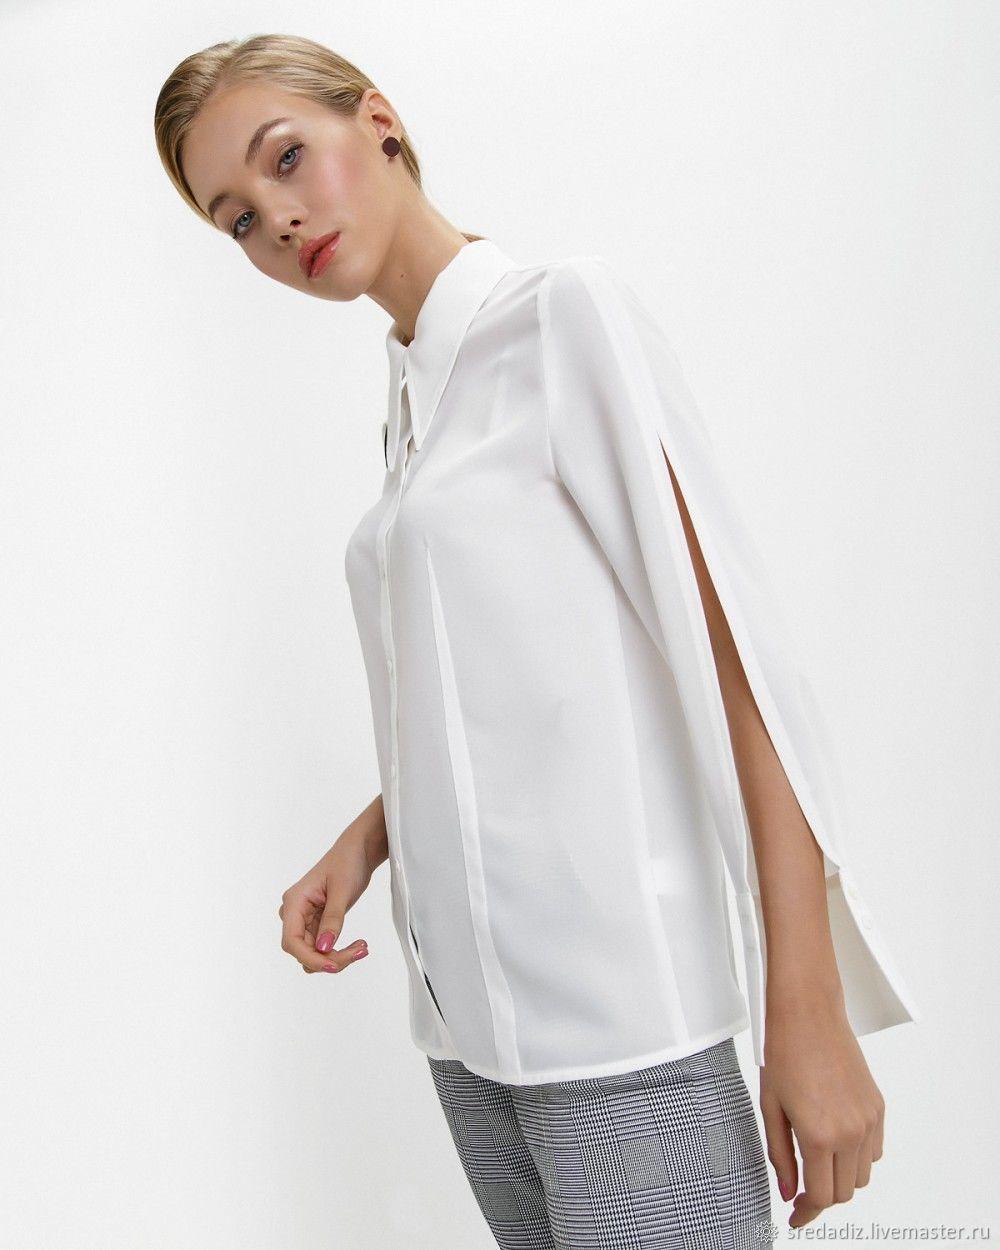 559ac5d08a5 Блузки ручной работы. Ярмарка Мастеров - ручная работа. Купить Блуза-рубашка  белая шелк ...